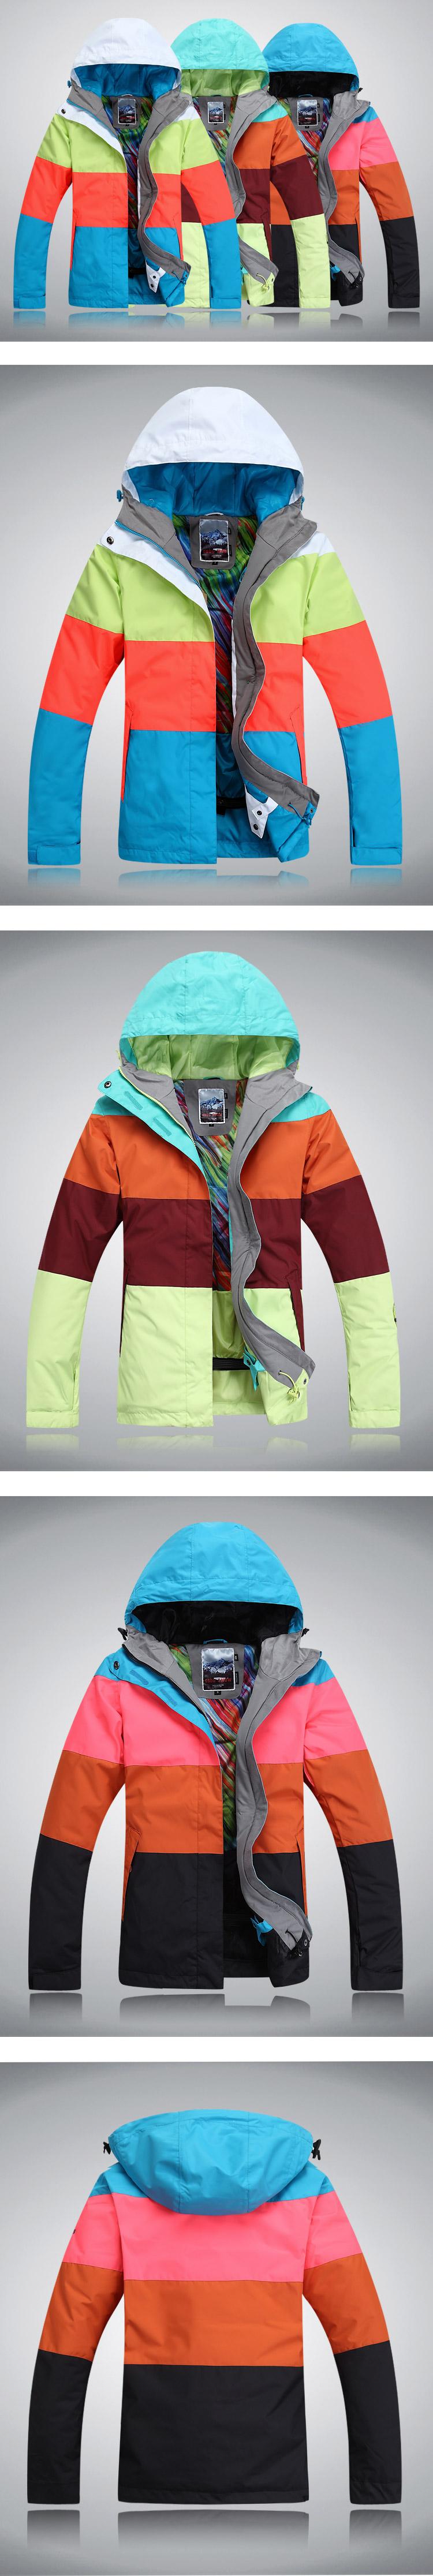 женская зимняя горнолыжная куртка Gsou SNOW фото